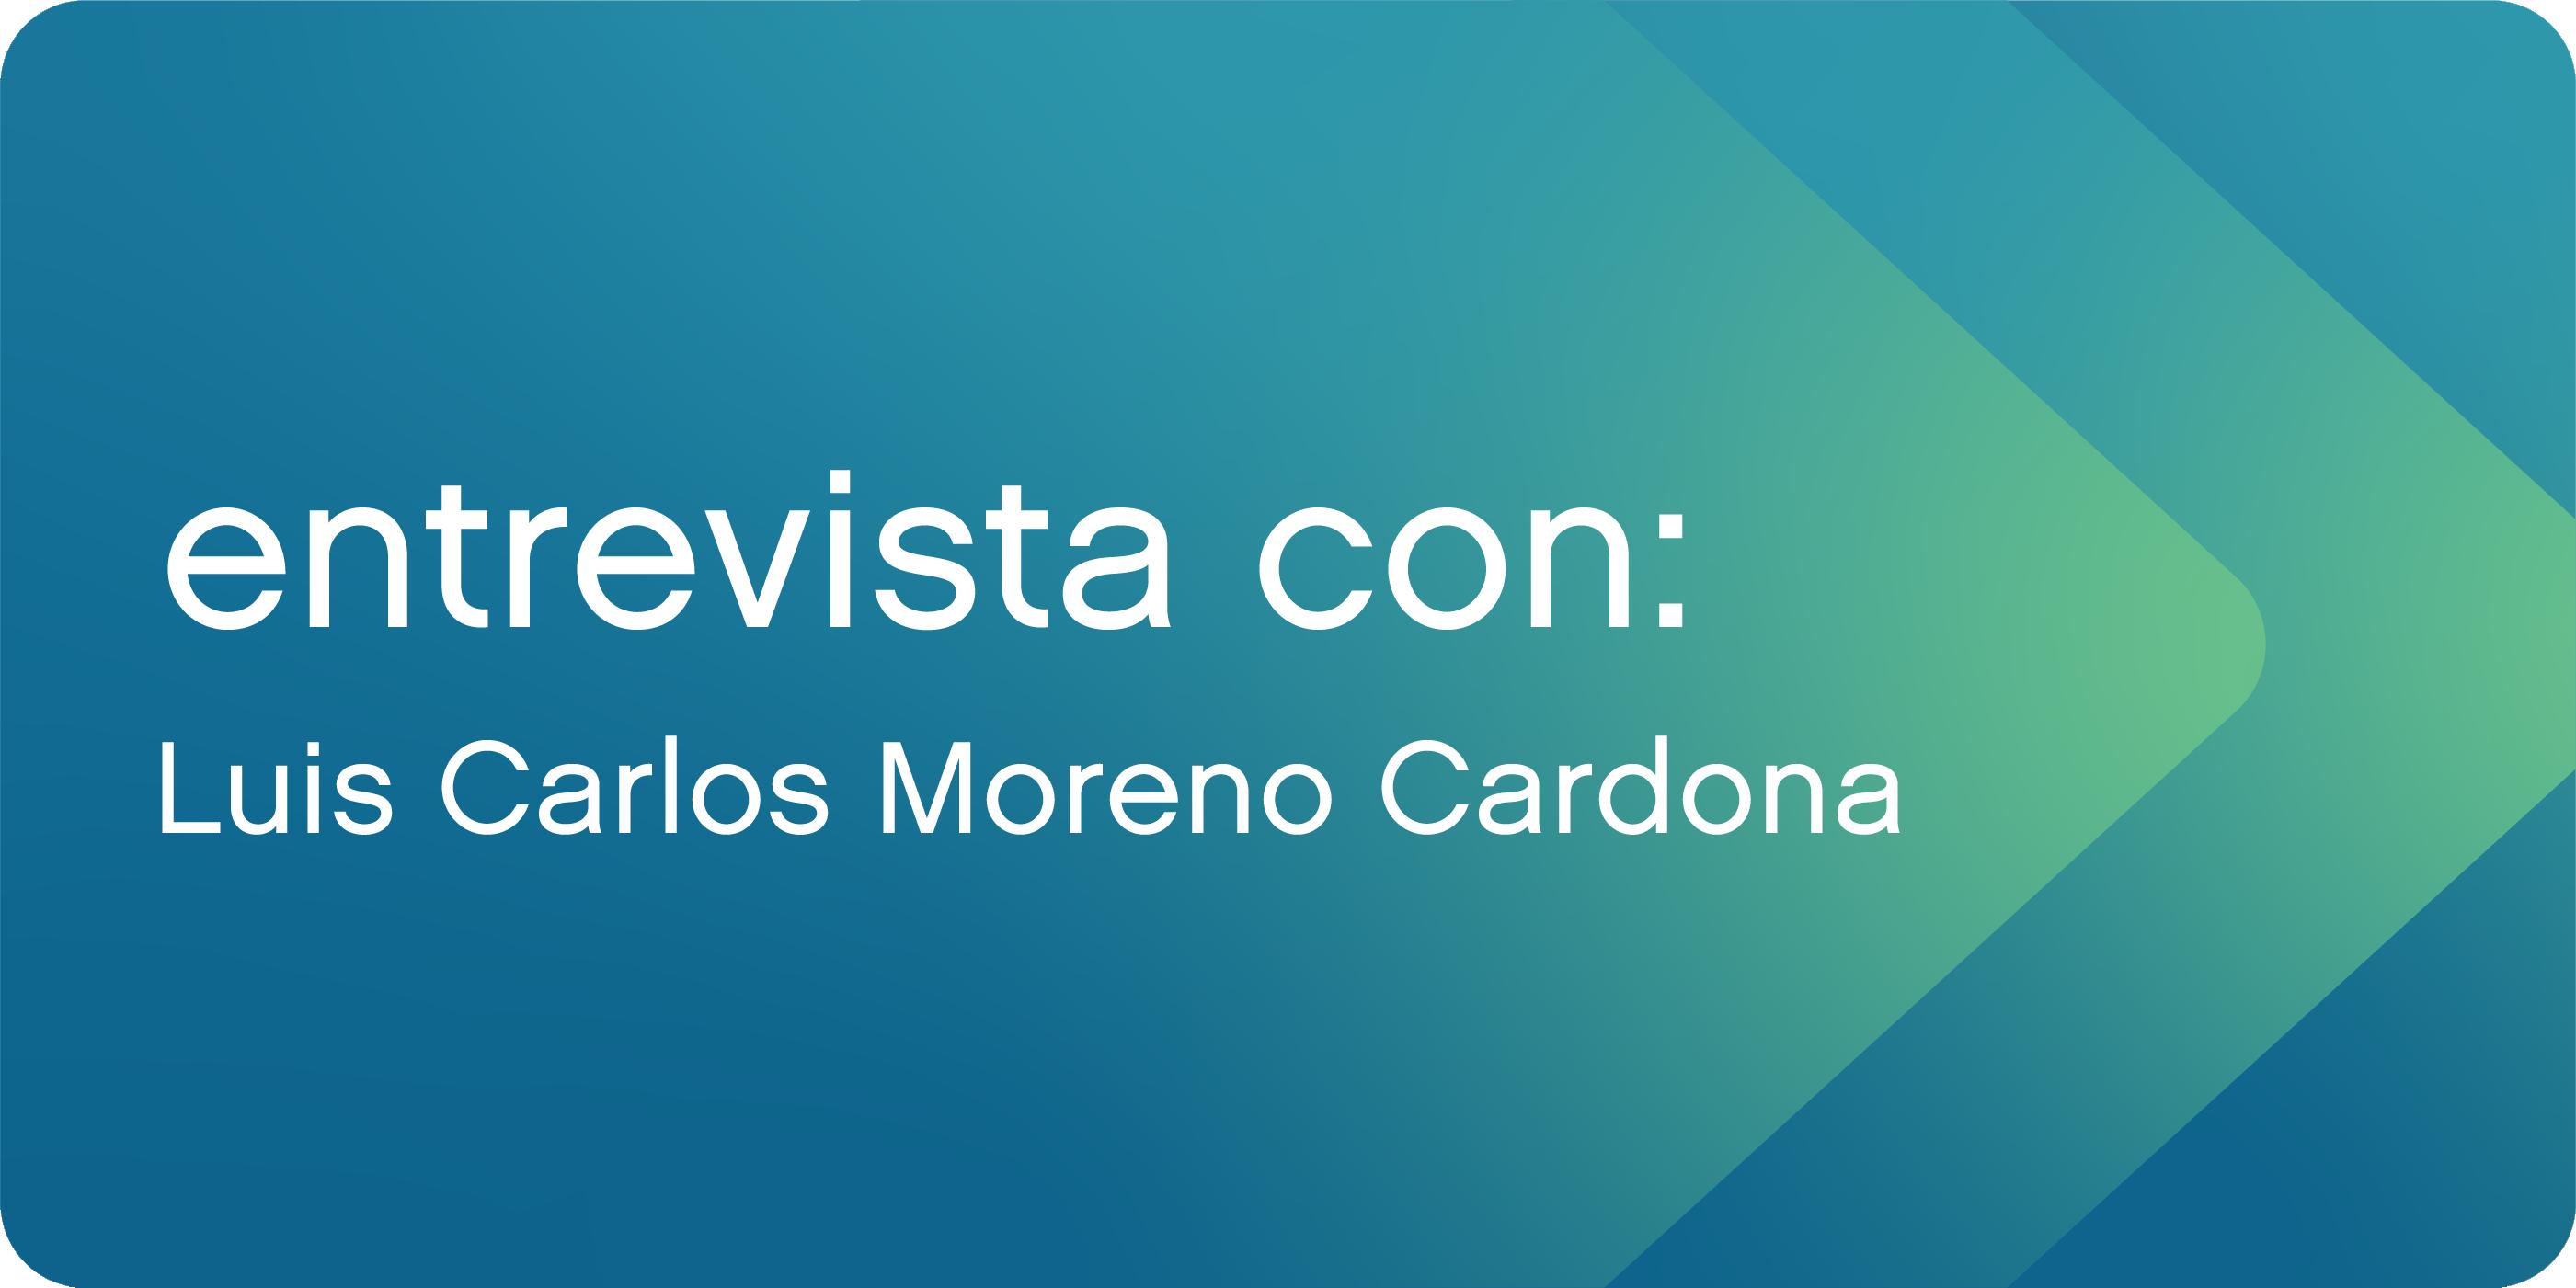 Luis Carlos Moreno Cardona